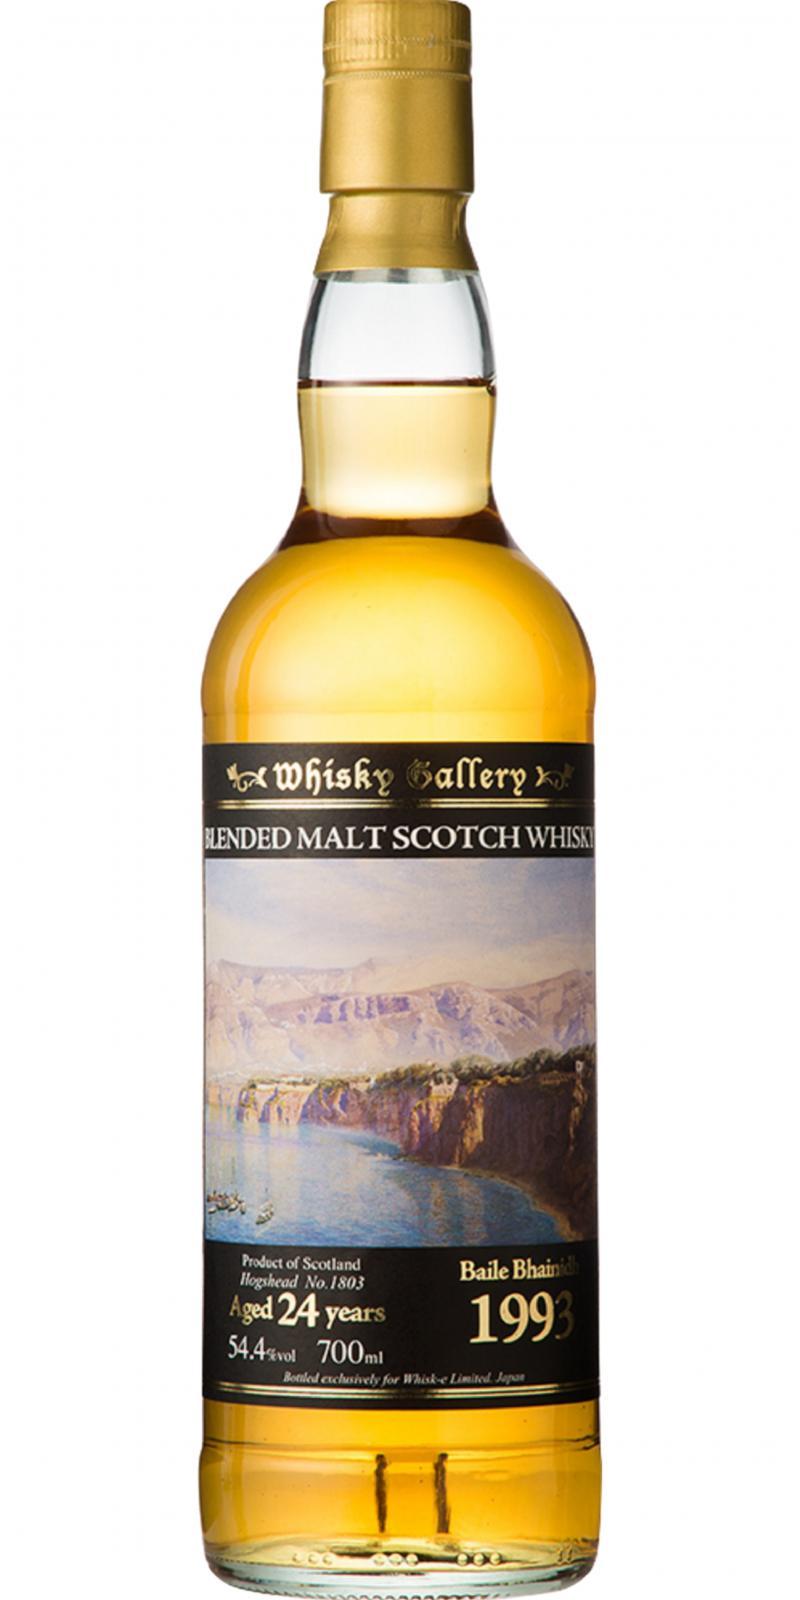 Blended Malt Scotch Whisky 1993 Baile Bhainidh W-e